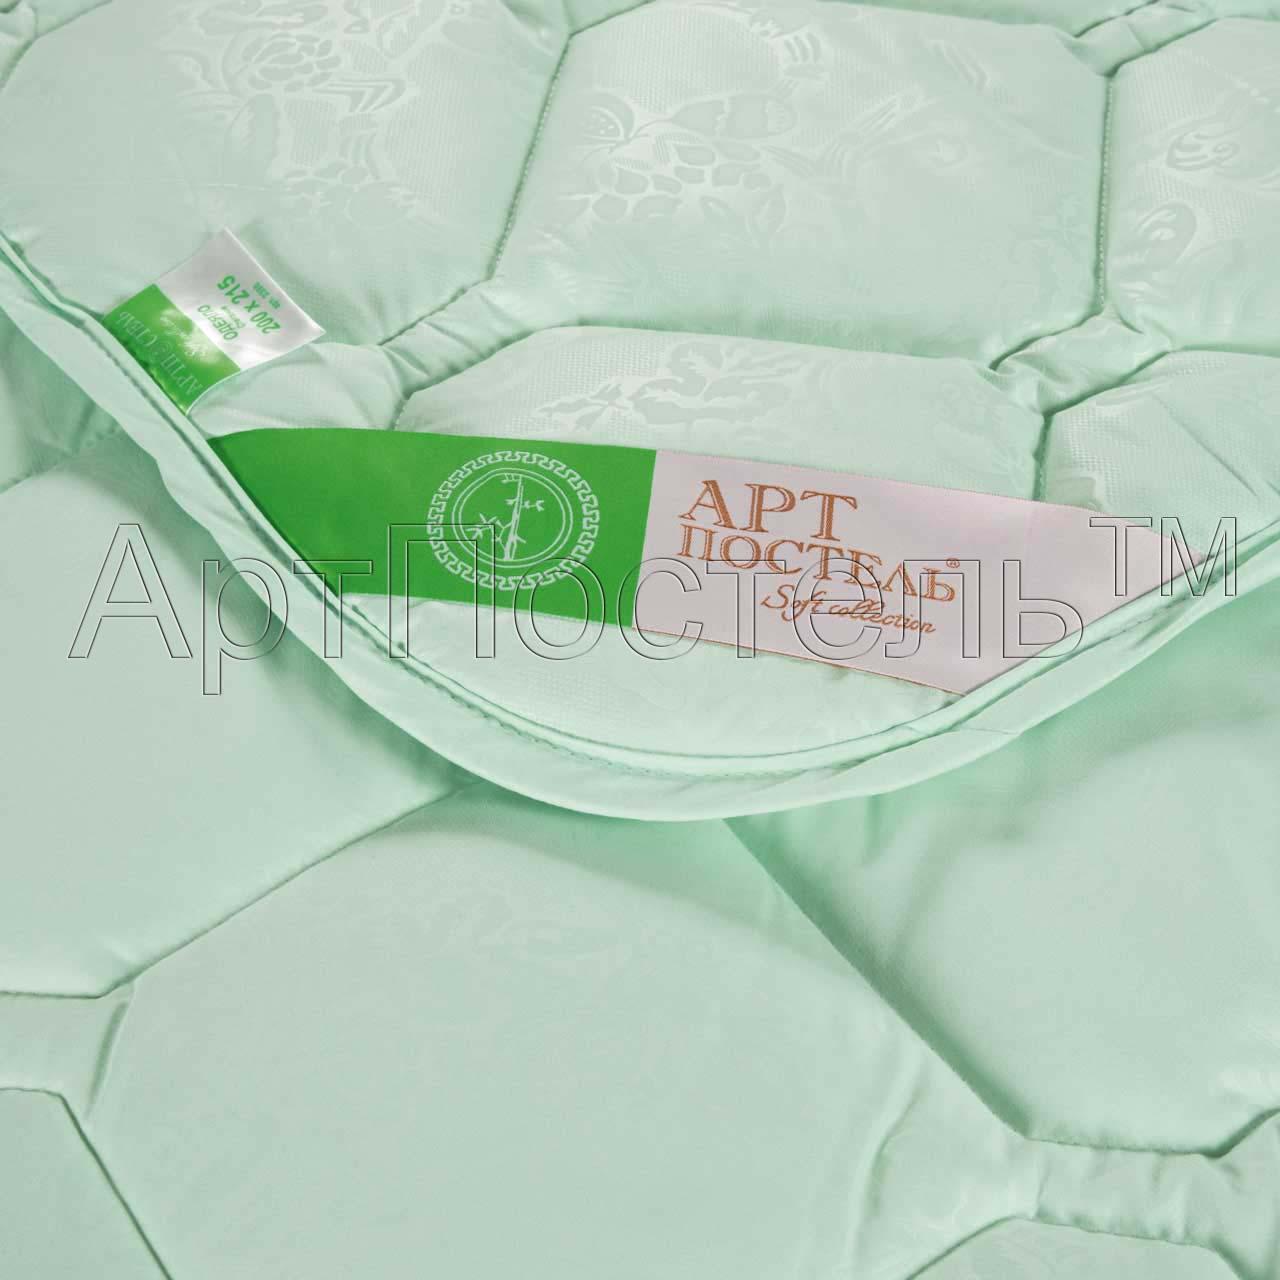 Одеяло Бамбук Soft Collection Light, размер Евро (200х215 см)Одеяла<br>Длина: 215 см <br>Ширина: 200 см <br>Чехол: Стеганое, с окаймляющей лентой <br>Плотность ткани: 115 г/кв. м <br>Плотность наполнителя: 200 г/кв. м<br><br>Тип: Одеяло<br>Размер: 200x215<br>Материал: Бамбук